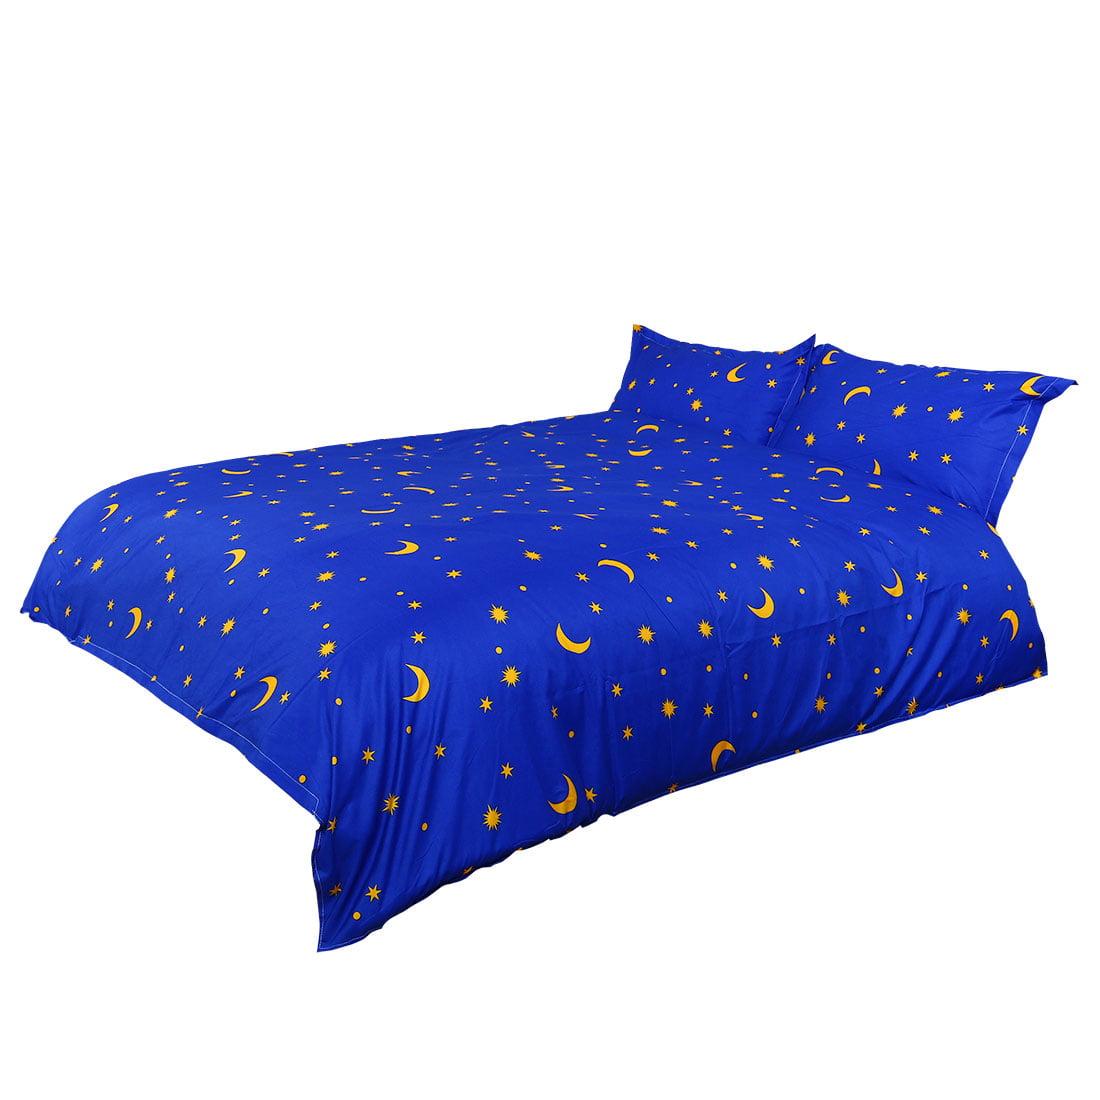 Home Bedroom Moon Stars Pattern Duvet Cover Pillowcase Bedding Set